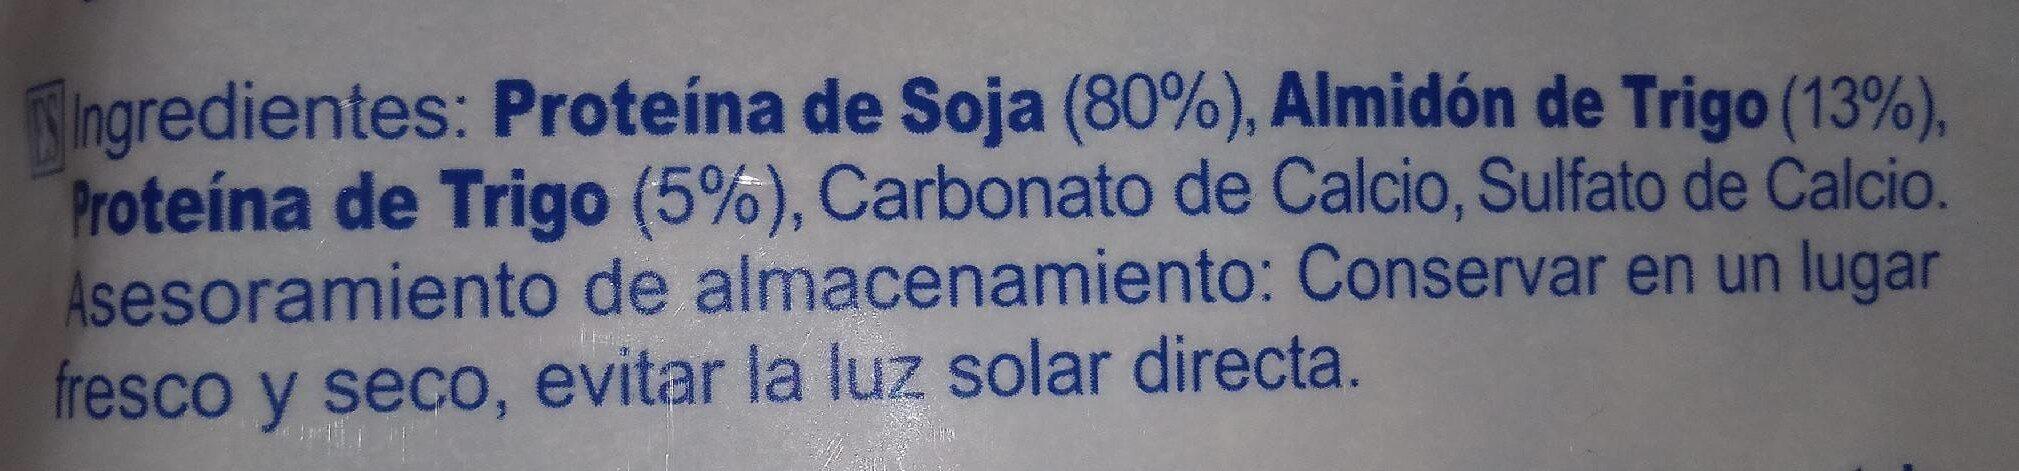 Proteita texturizada de soja - Información nutricional - es